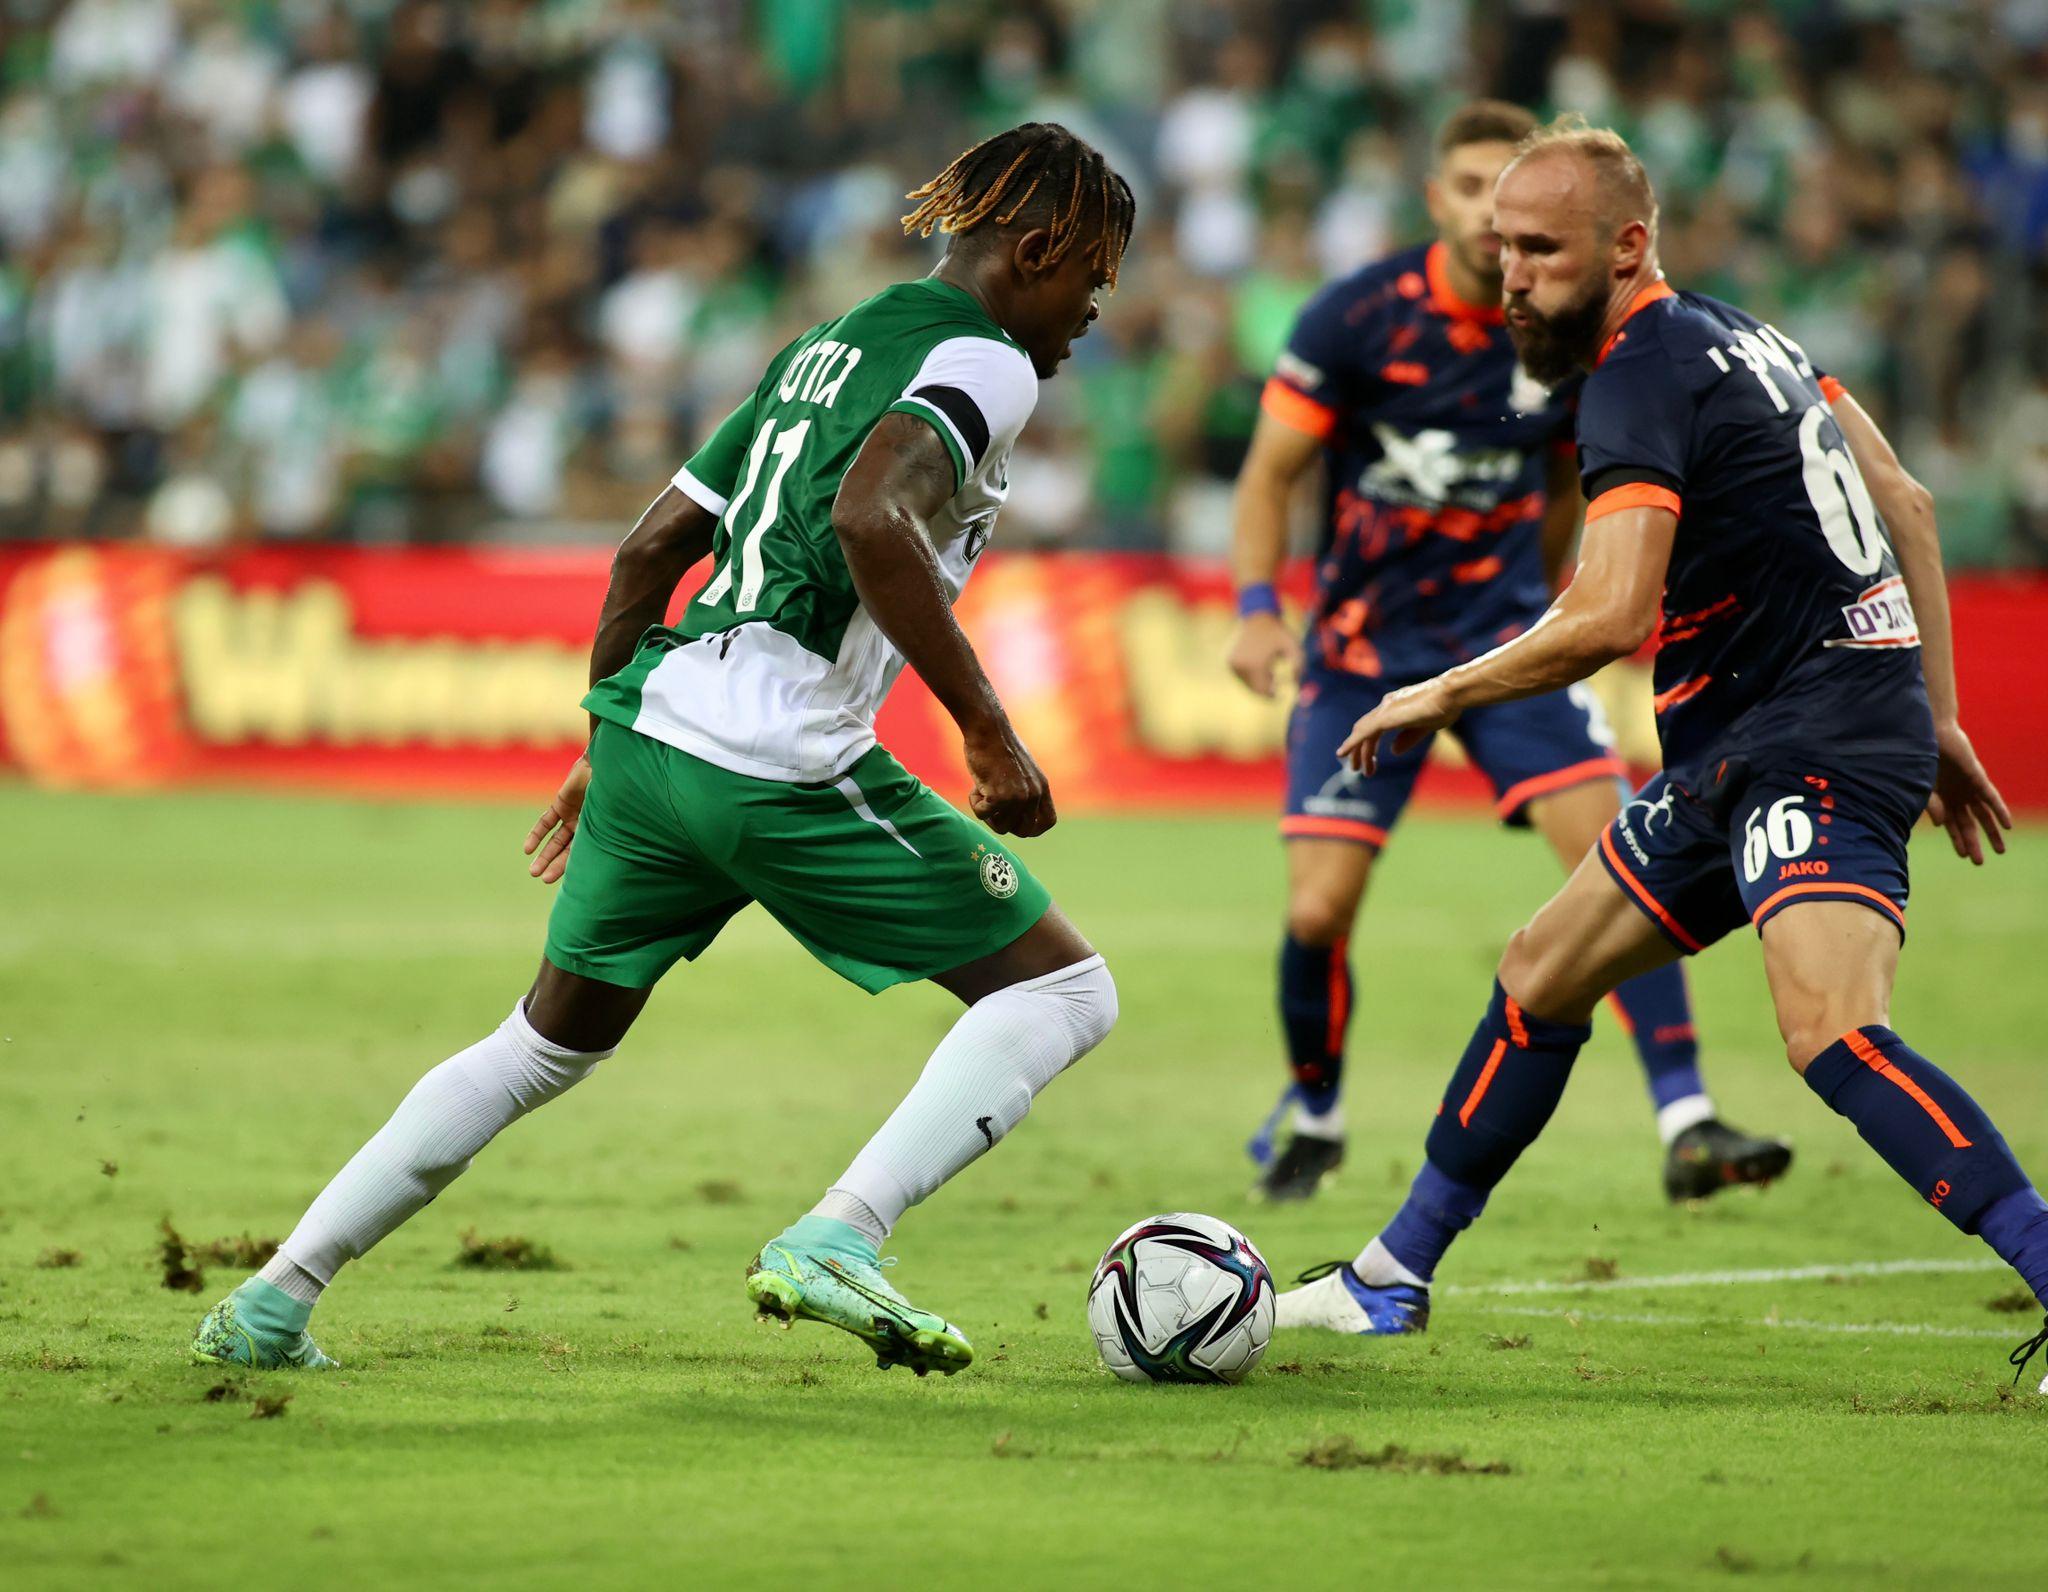 خسارة قاسية لاتحاد سخنين امام مكابي حيفا 2-1 في الدقيقة الاخيرة